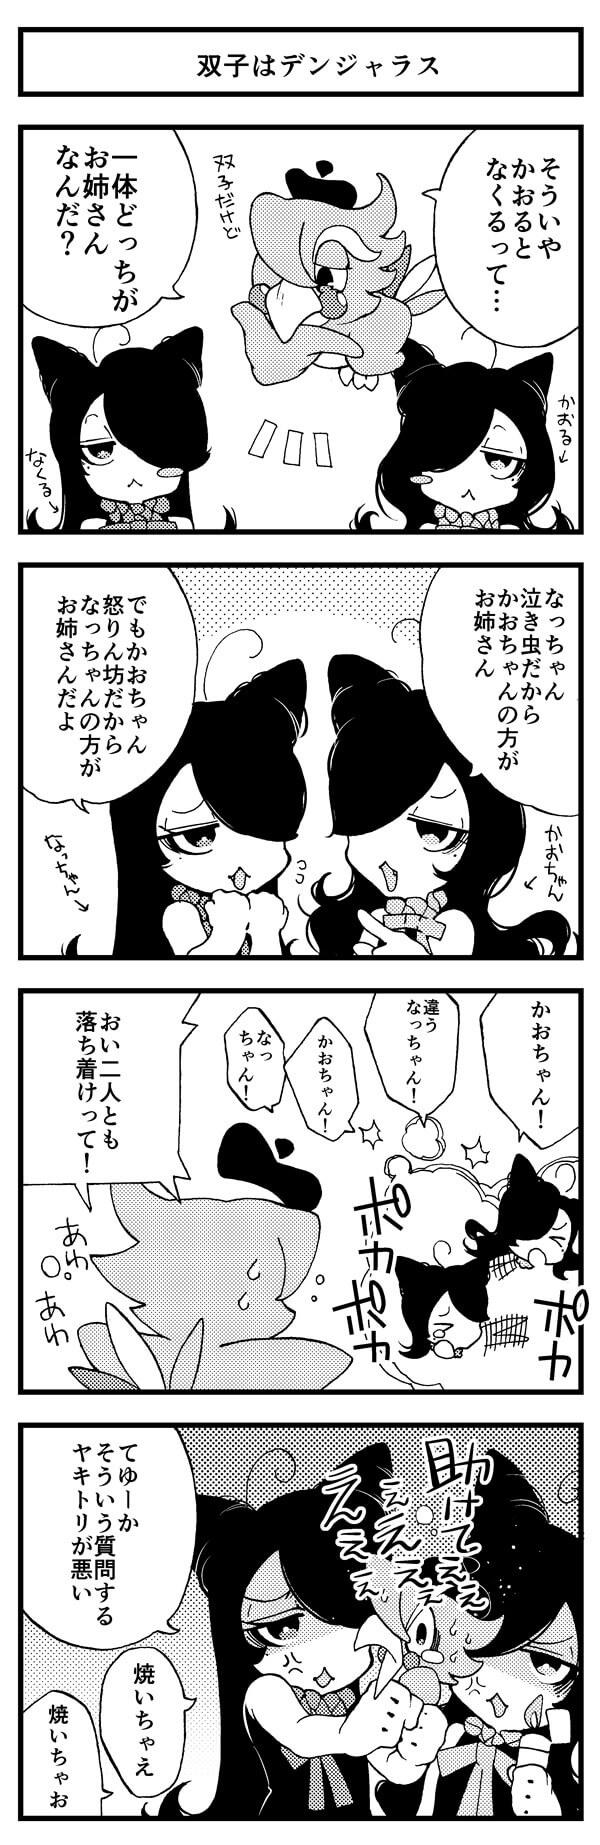 『京都クロスメディアParty!』 【第20話】